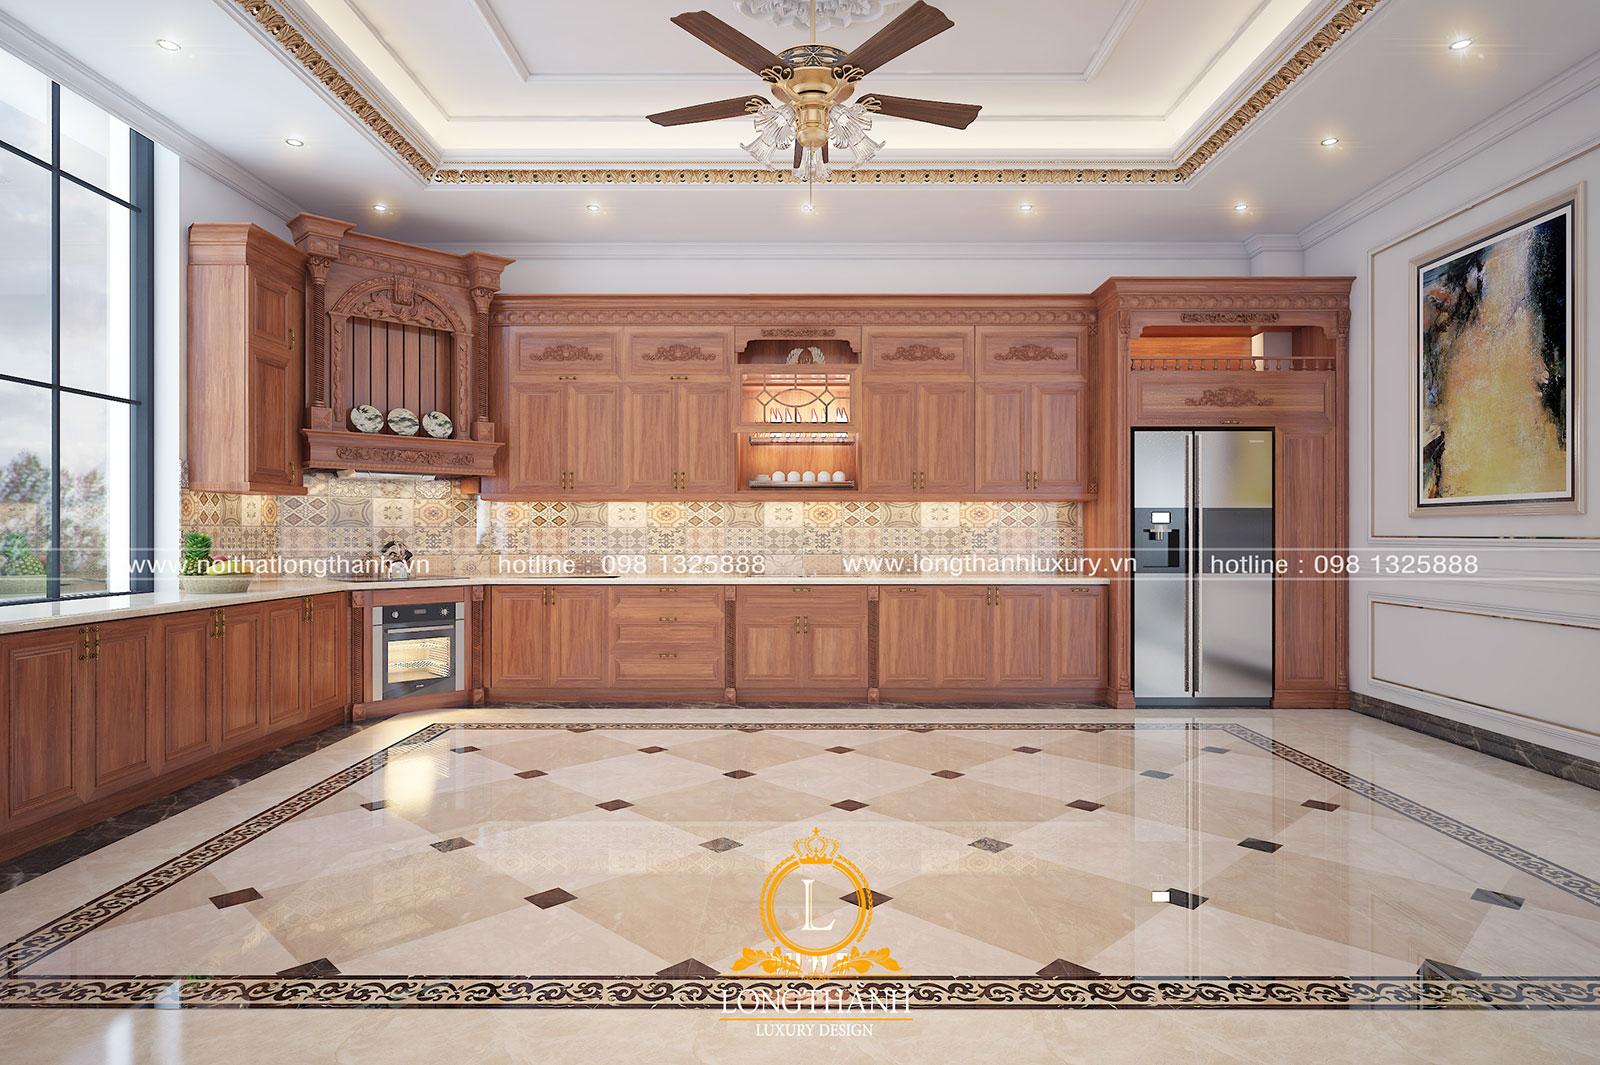 Mẫu tủ bếp gỗ tự nhiên với đường nét trang trí đơn giản mà toát lên sự sang trọng